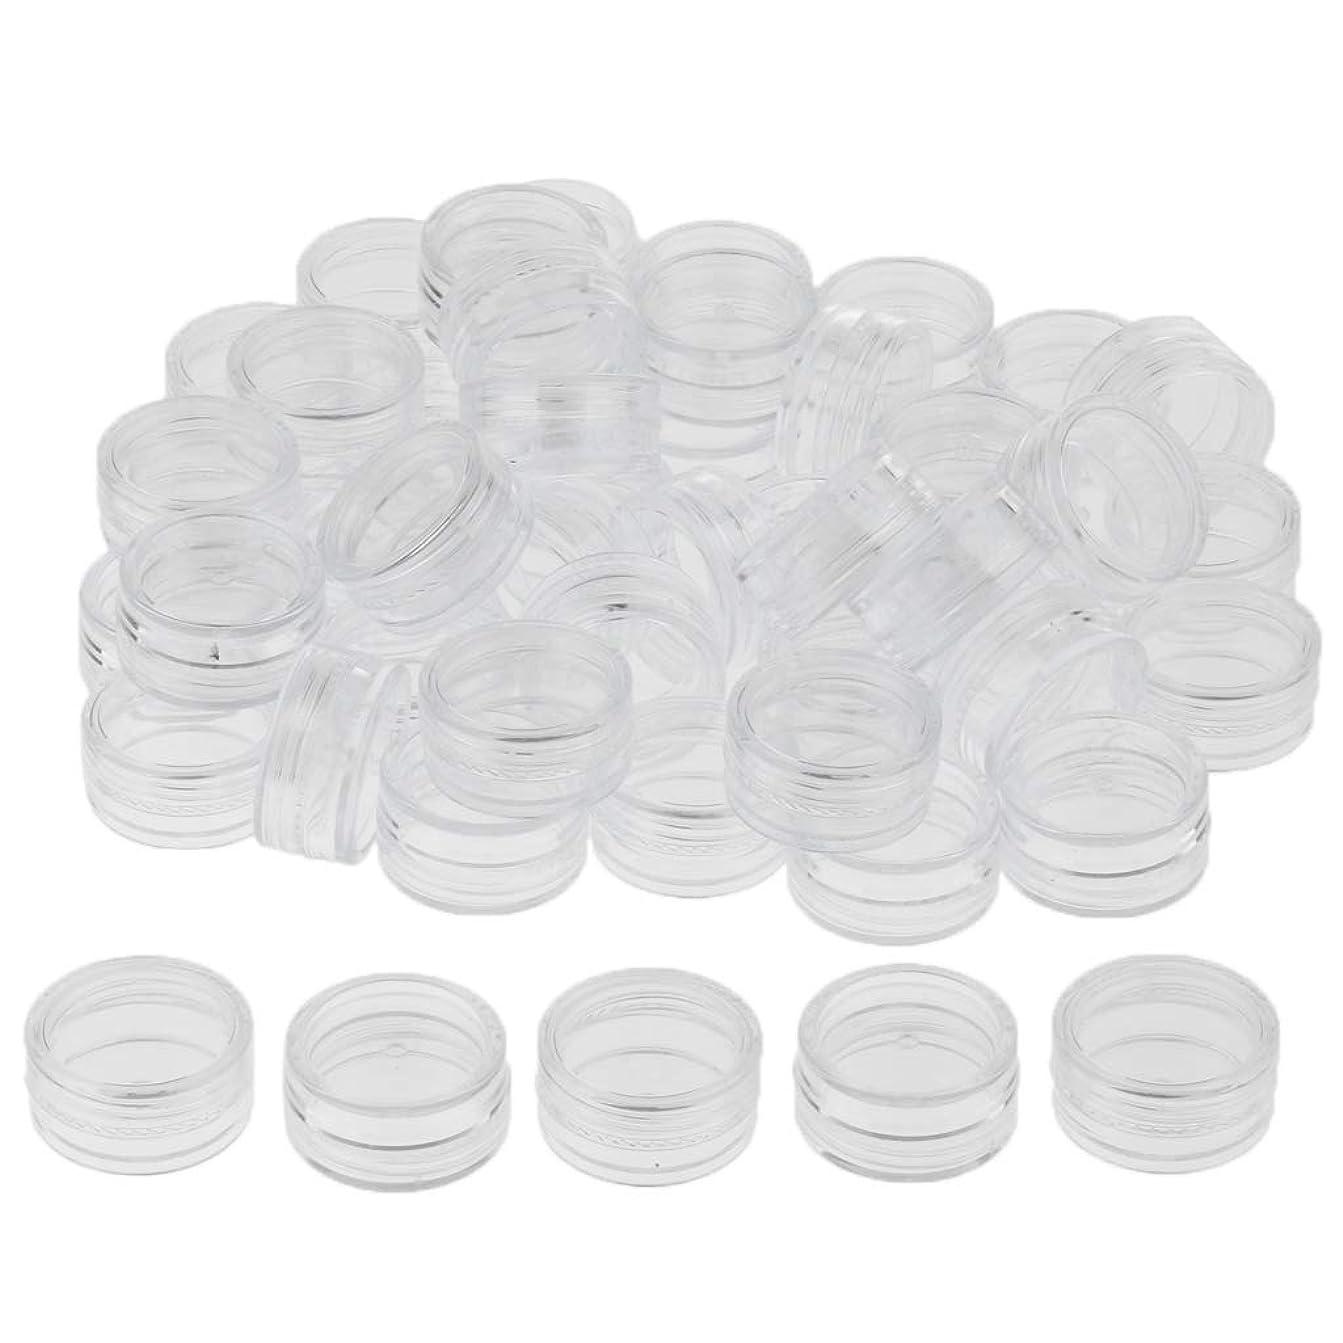 卑しいスペシャリストラップFLAMEER 約50個 化粧ポット ローションジャー クリーム コスメ 空容器 サンプルボトル 3サイズ選べ - 5g